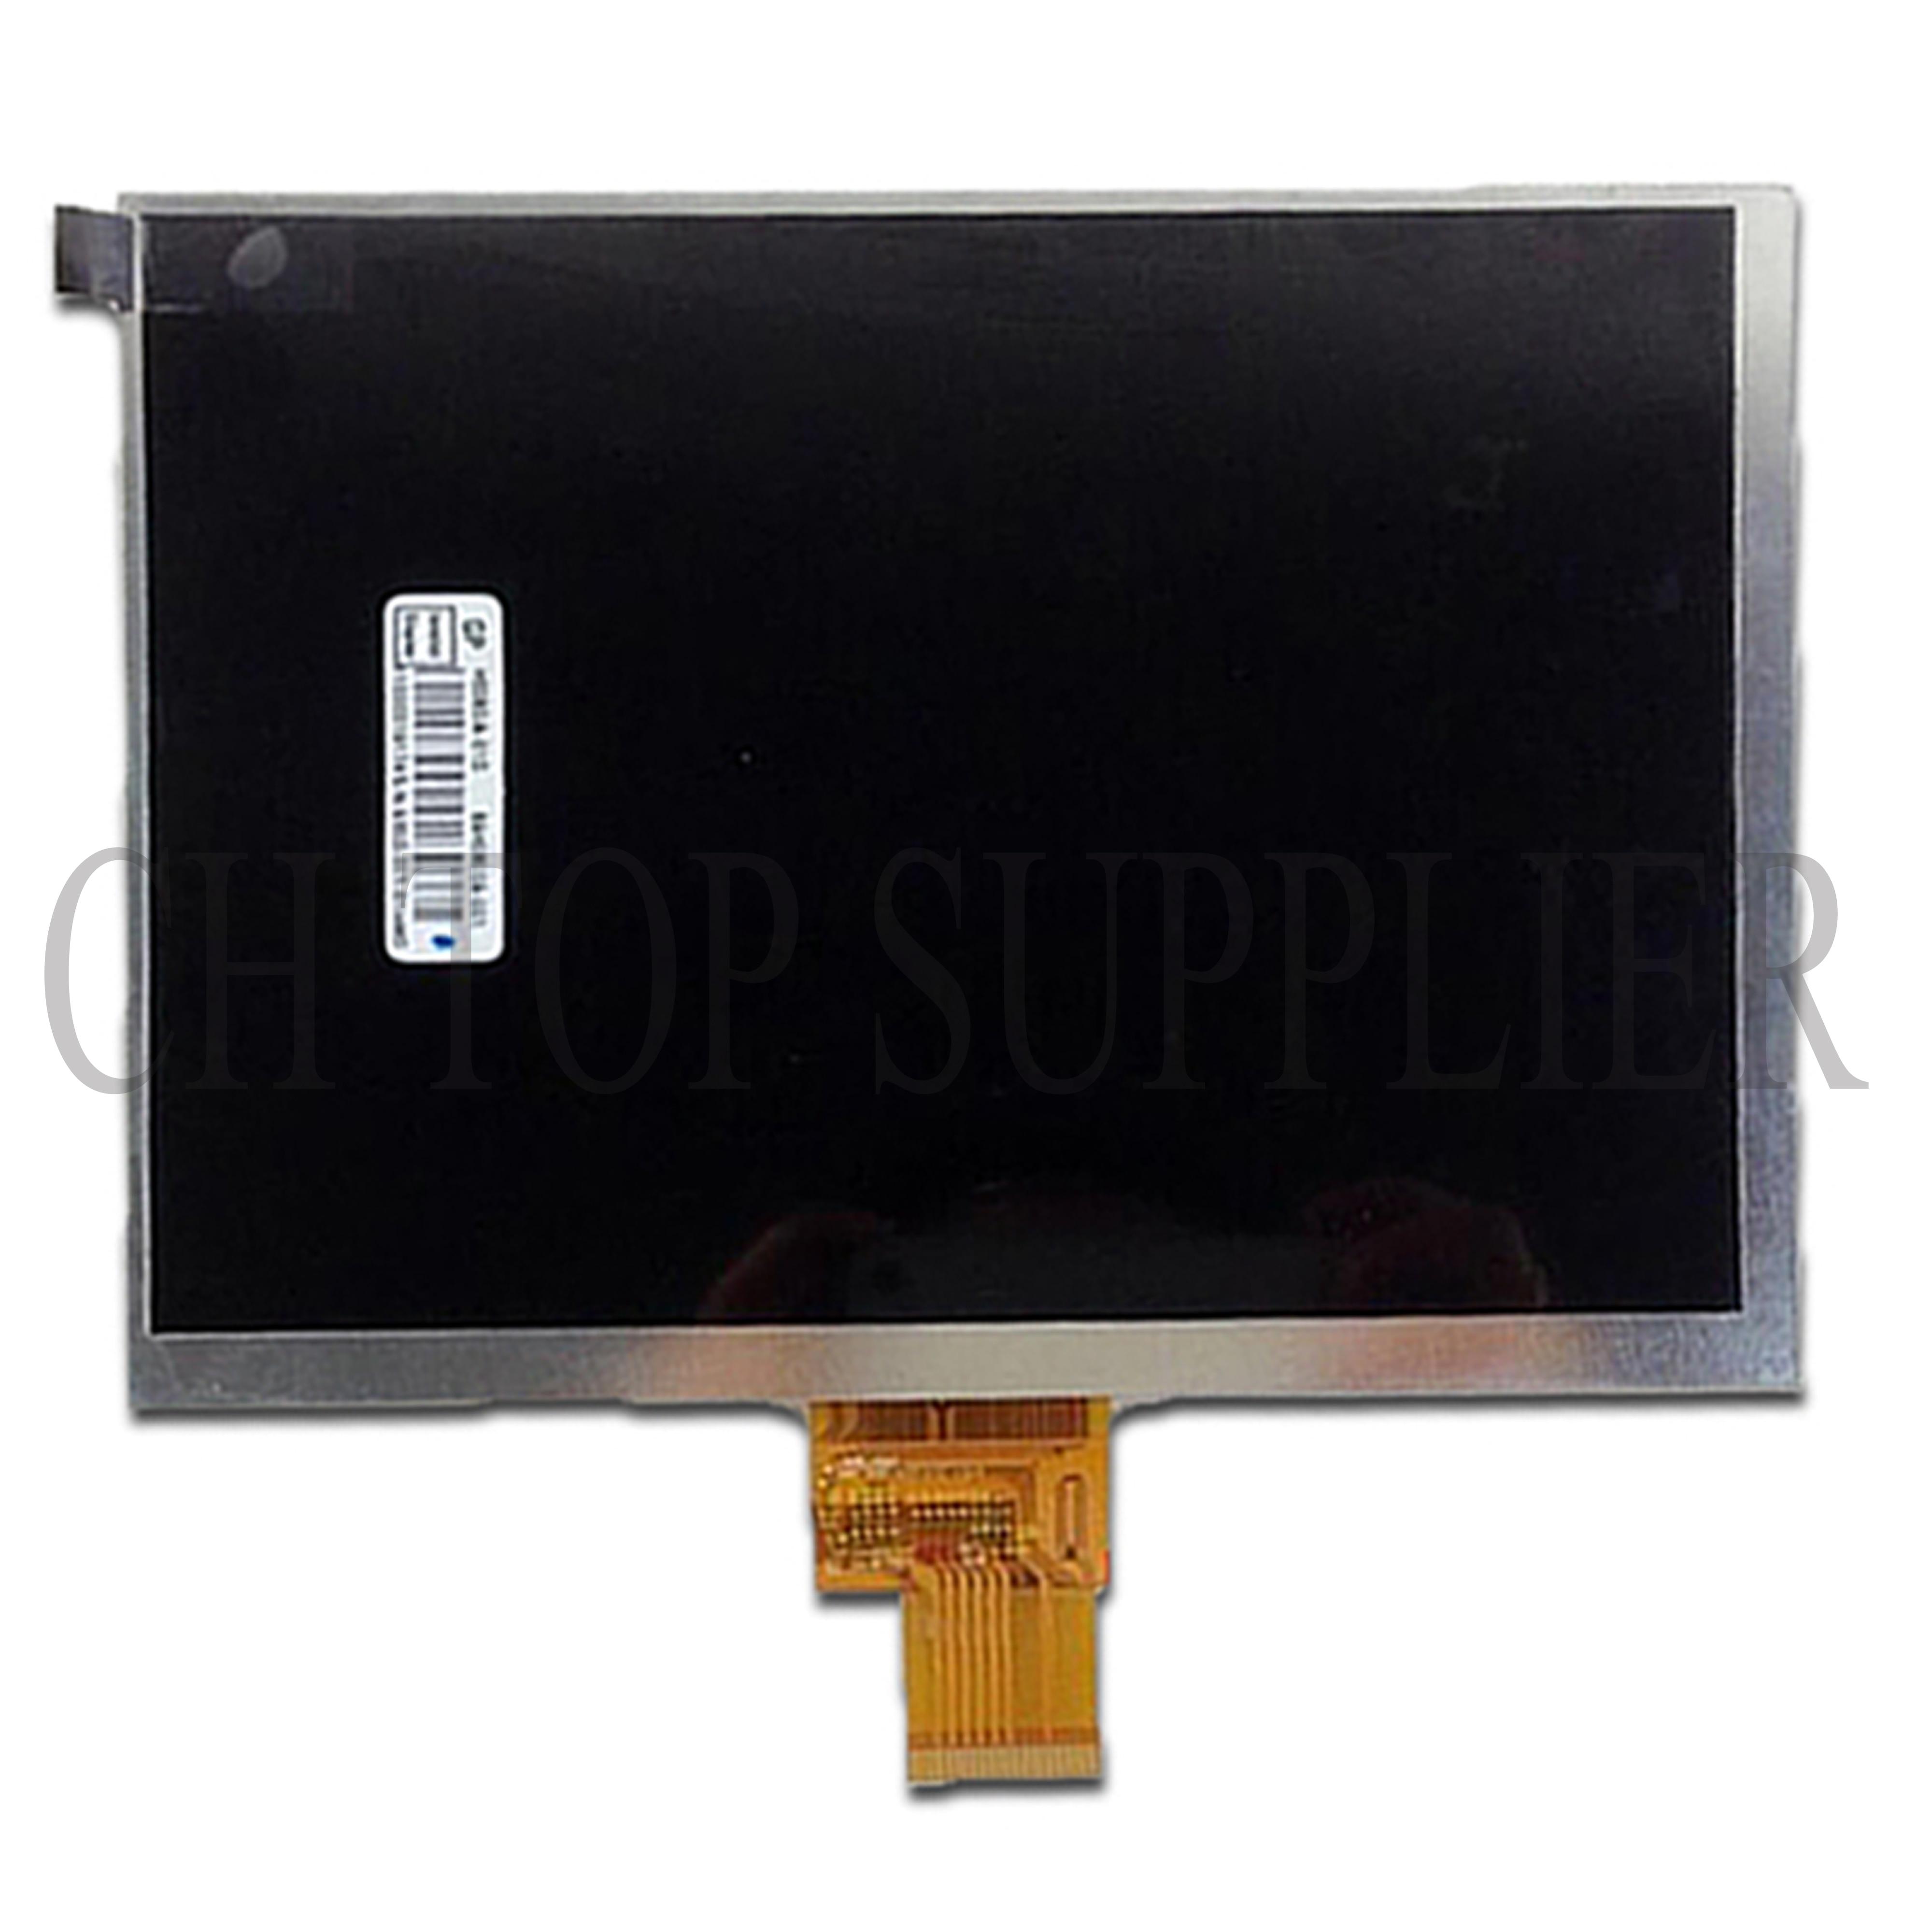 Original 8'' inch LCD Display FPC0804001 HL080IA-01E 32001014-01 HJ080IA-01E Digitizer Sensor Replacement Free Shipping 840p hj080ia 01e m1 a1p88